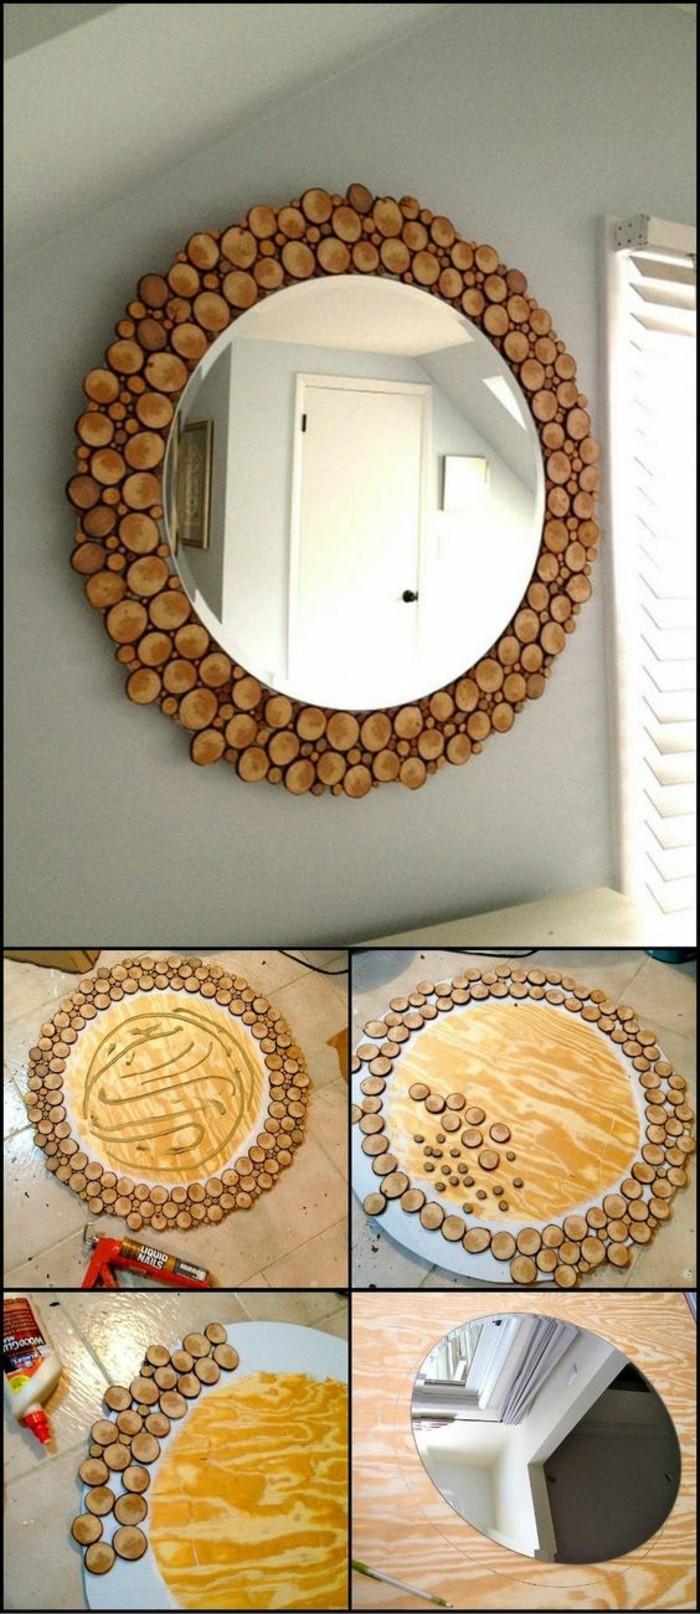 miroir encadré de rondins de bois, miroir rond décoré comme deco a faire soi meme